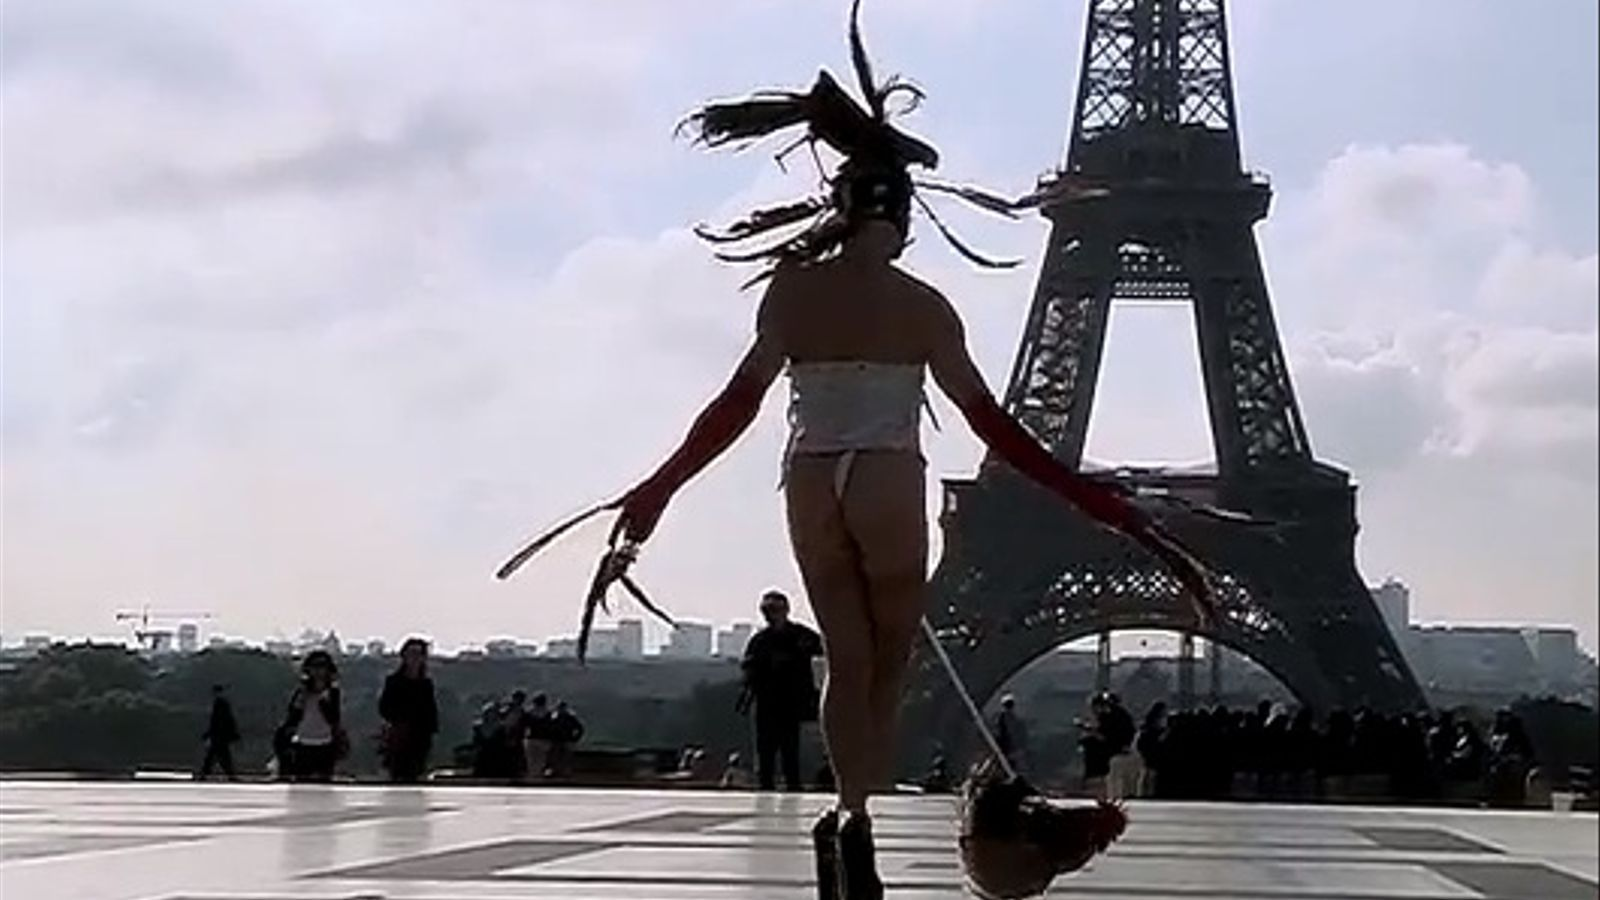 Condemnat per exhibicionisme un artista que es va passejar davant la torre Eiffel amb un gall lligat al penis